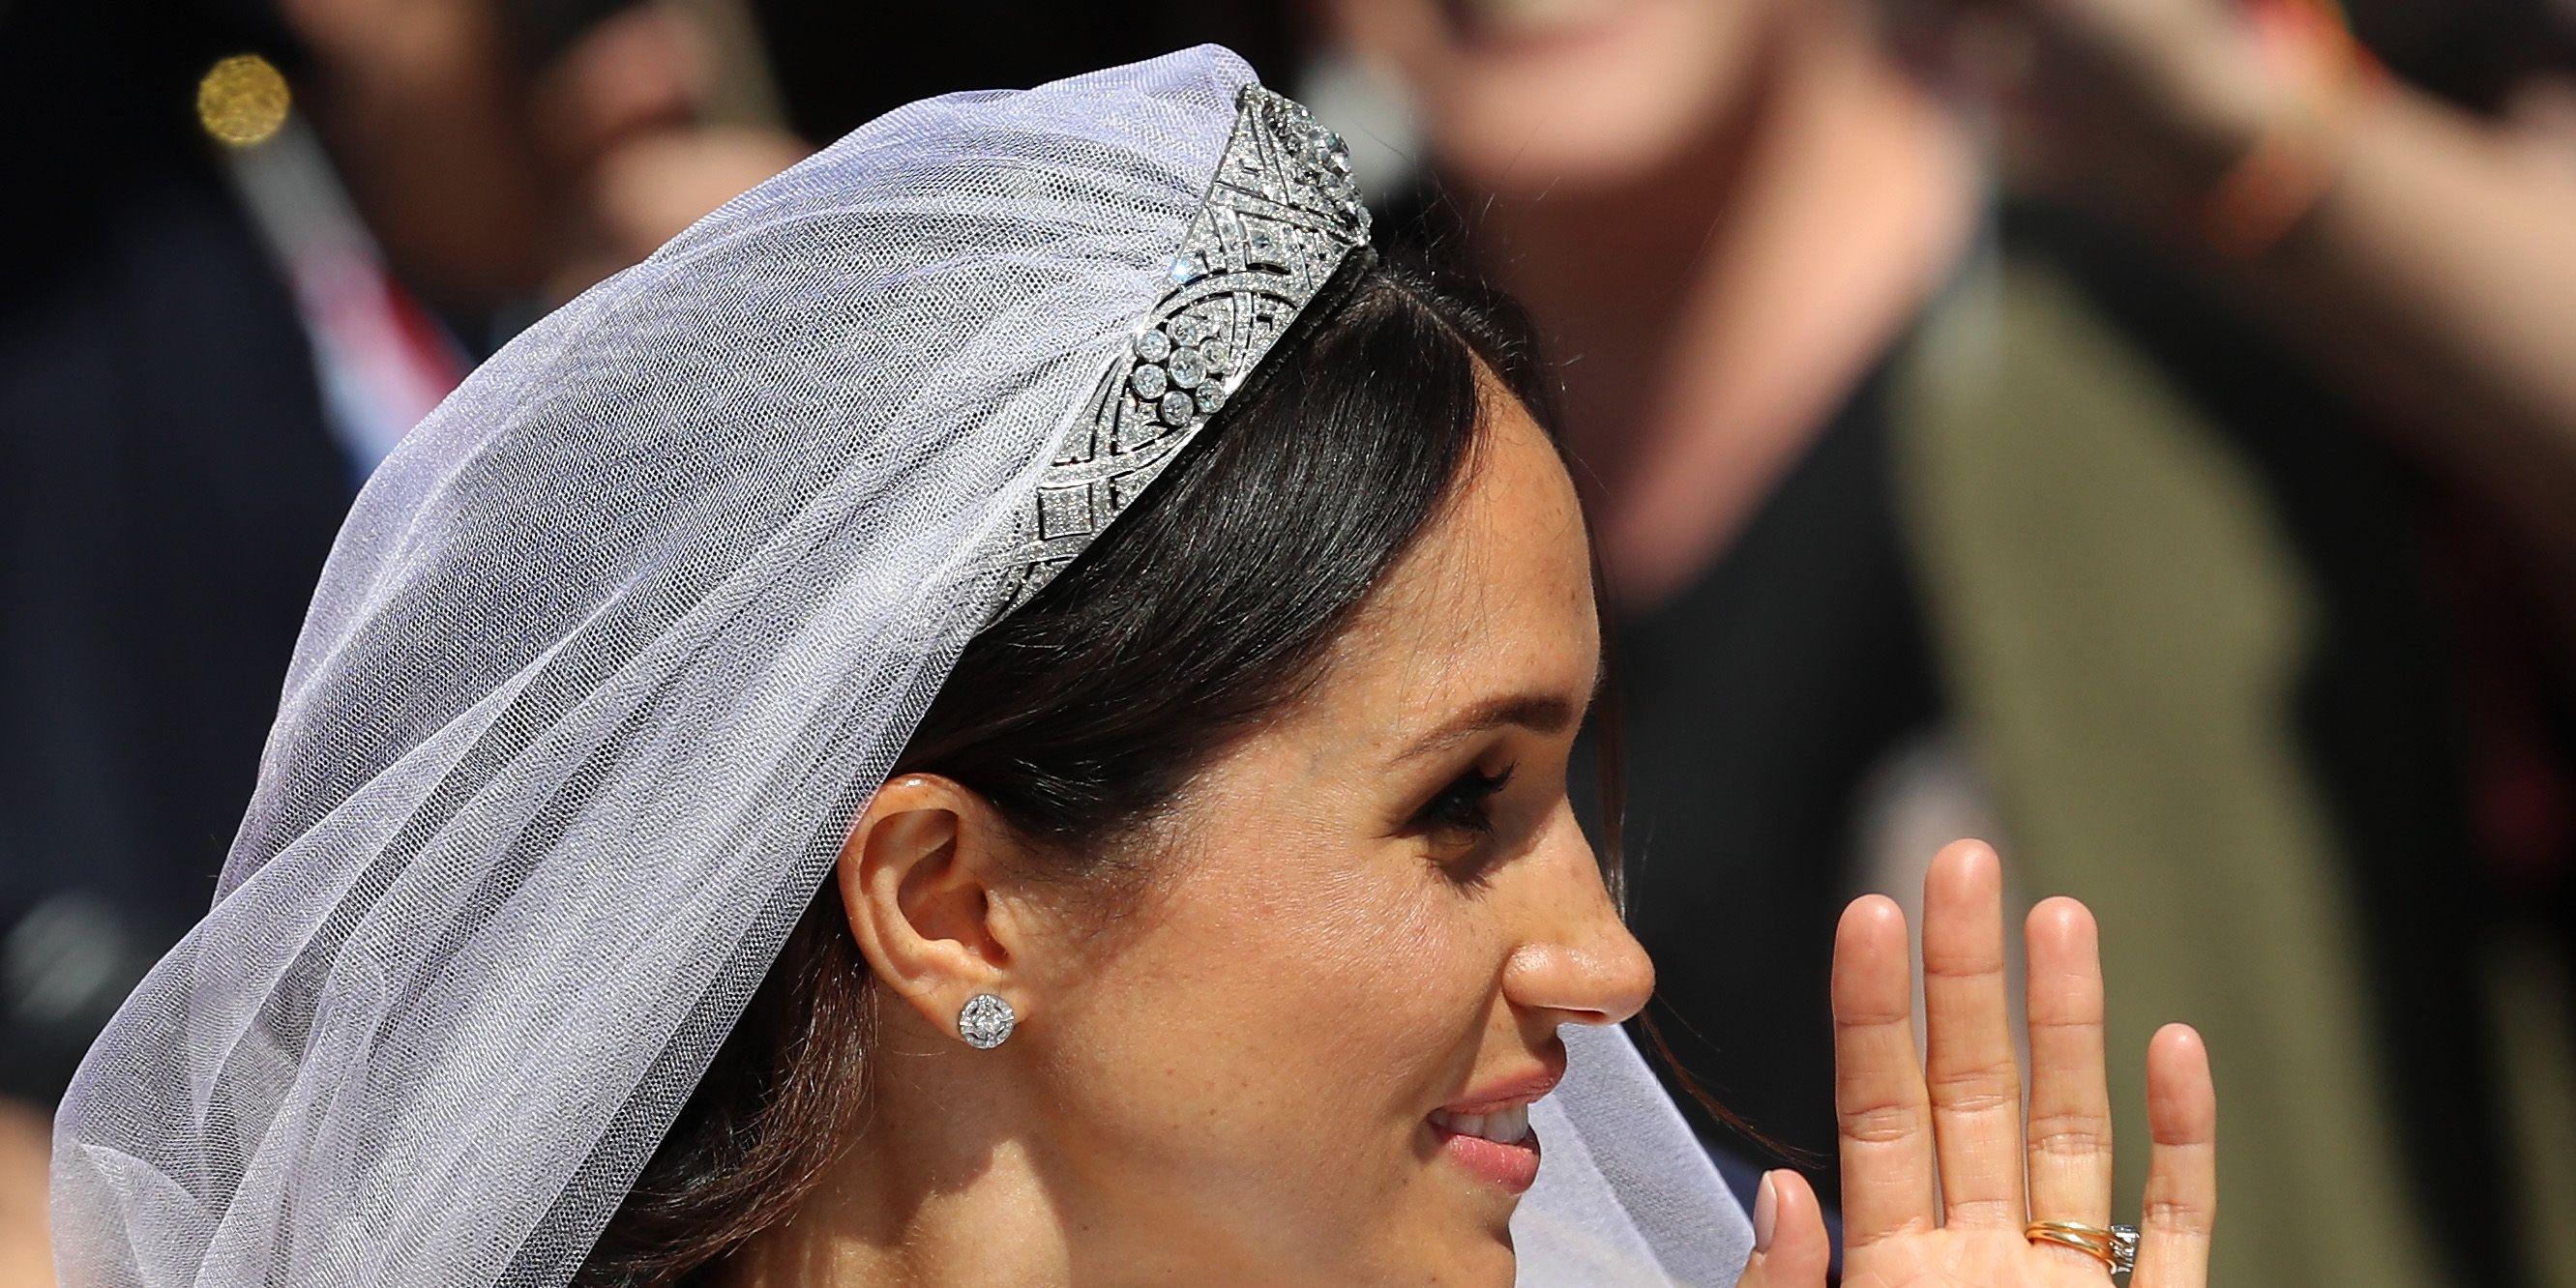 un dettaglio della pettinatura da sposa di Meghan Markle